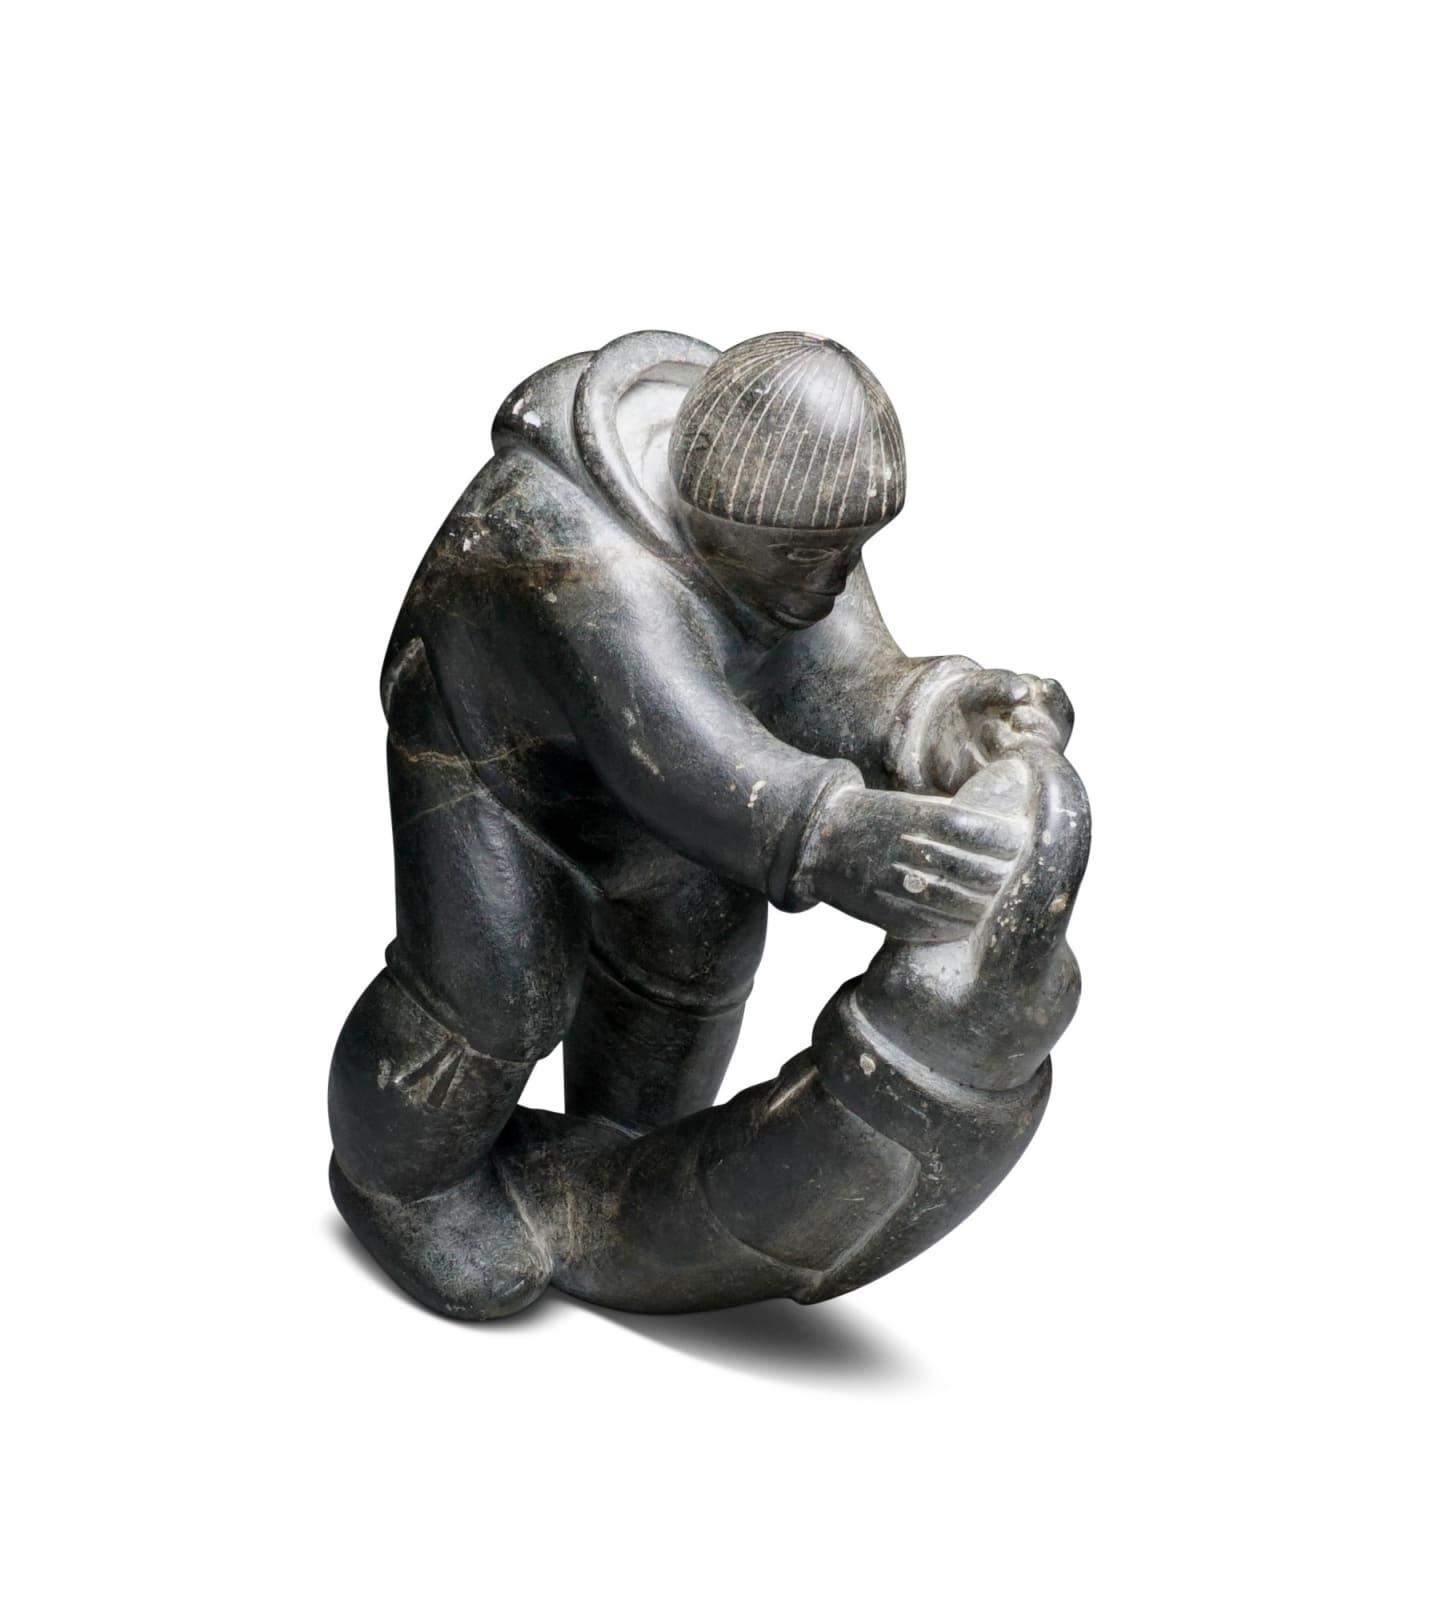 LEVI QUMALUK (1919-1997) PUVIRNITUQ (POVUNGNITUK) Hunter with Seal, early-mid 1960s stone, 8 1/4 x 6 1/2 x 3 1/2 in (21 x 16.5 x 8.9 cm) ESTIMATE: $800 — $1,200 NEW PRICE: $600